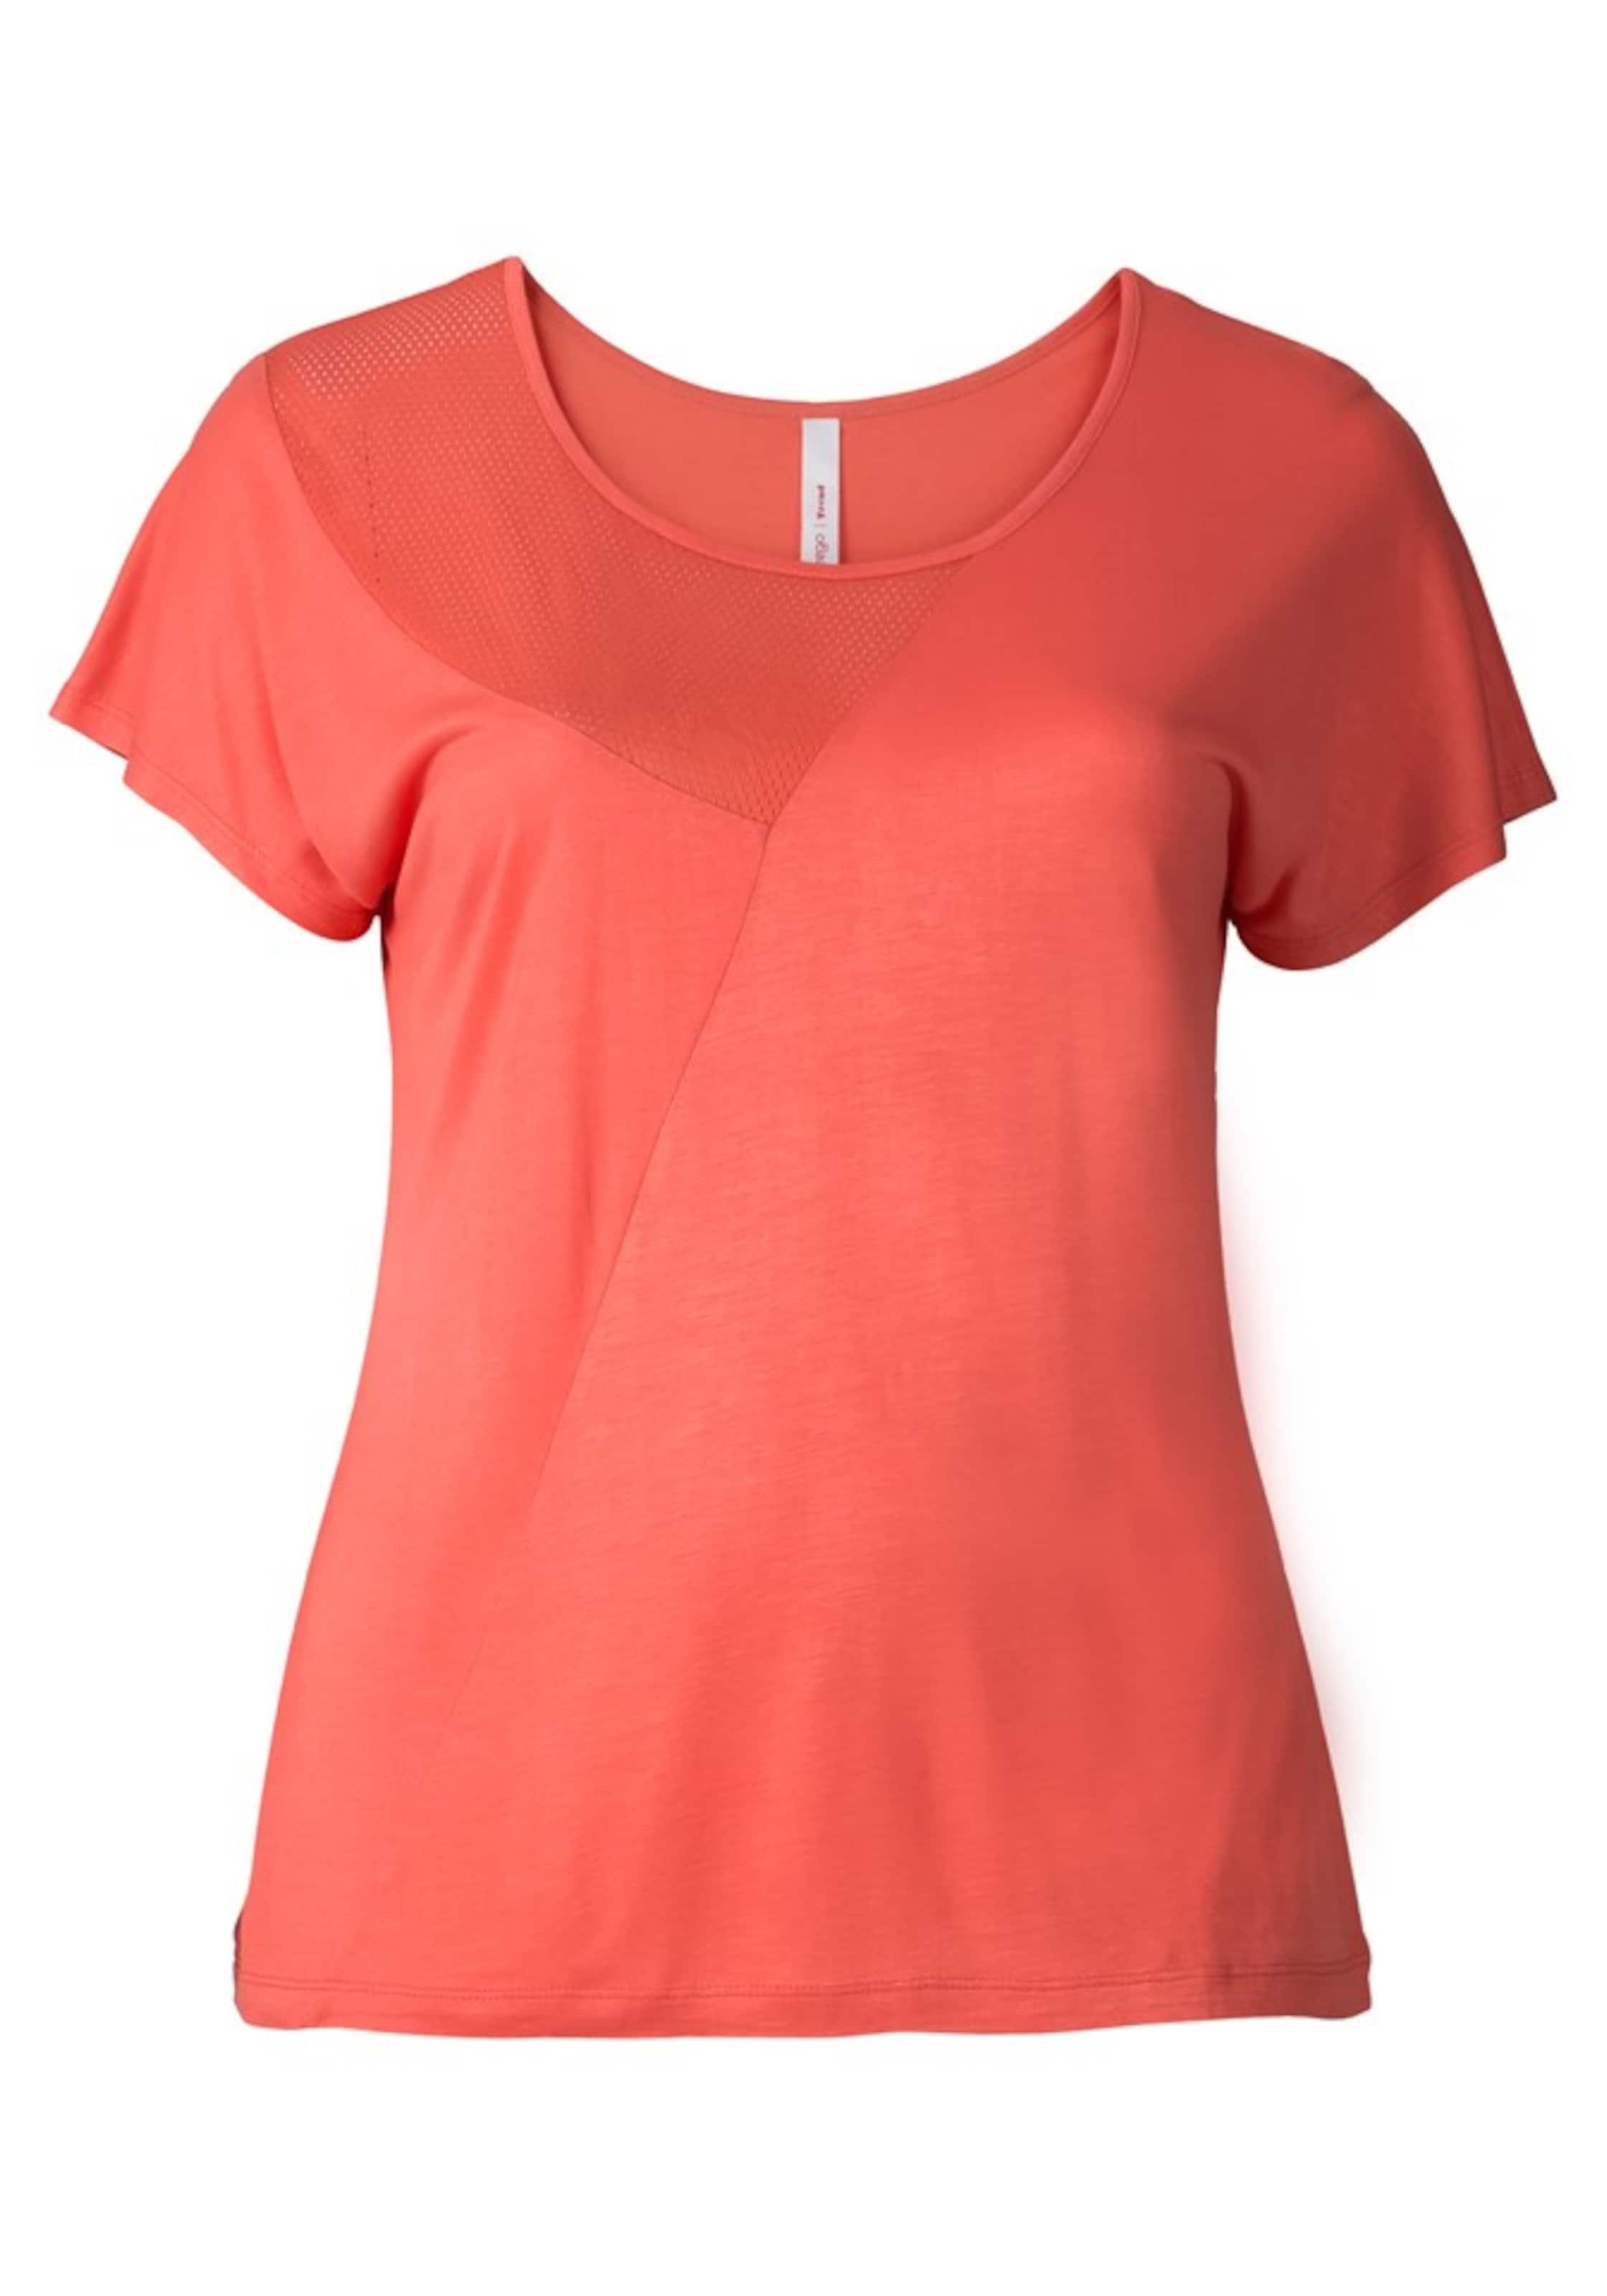 sheego trend Trend T-Shirt Breite Palette Von Online Hohe Qualität Online Kaufen Verkaufspreise zNCrJ38xcR